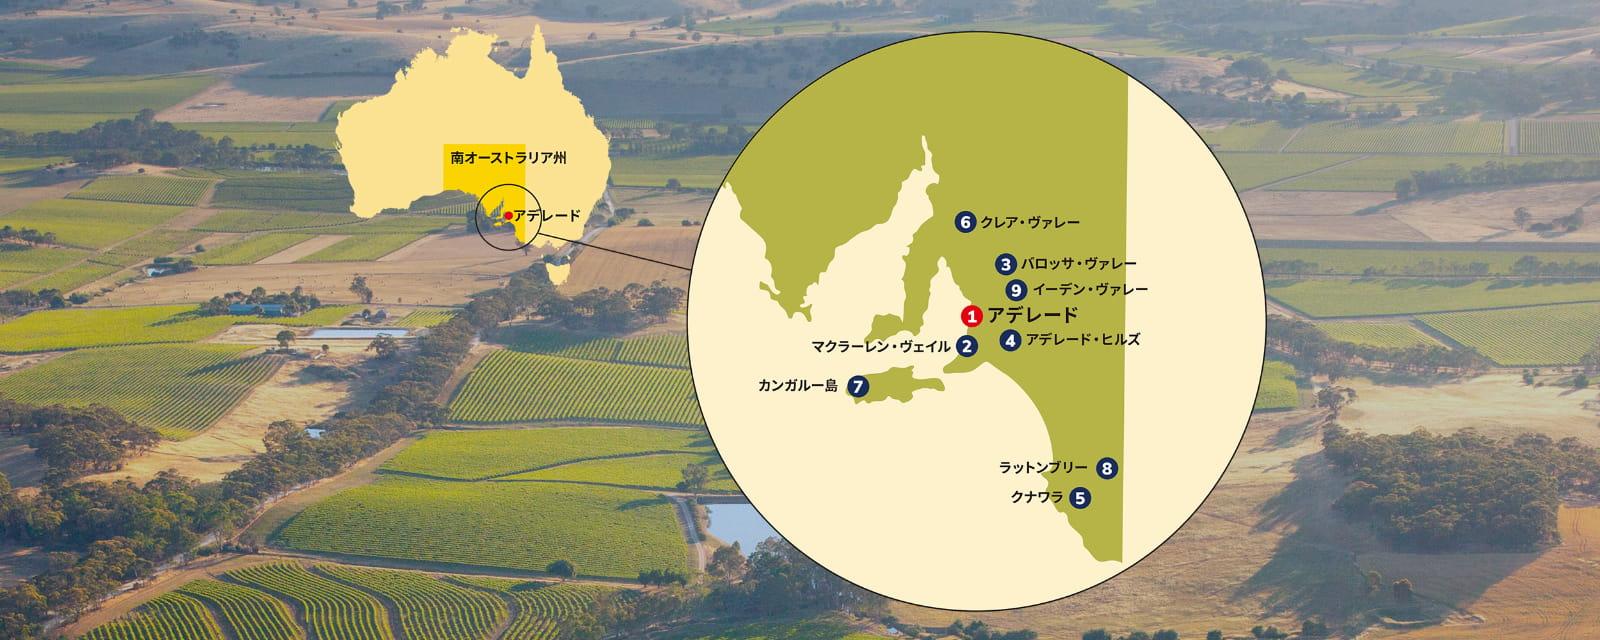 ワイン産地 Wine Regions